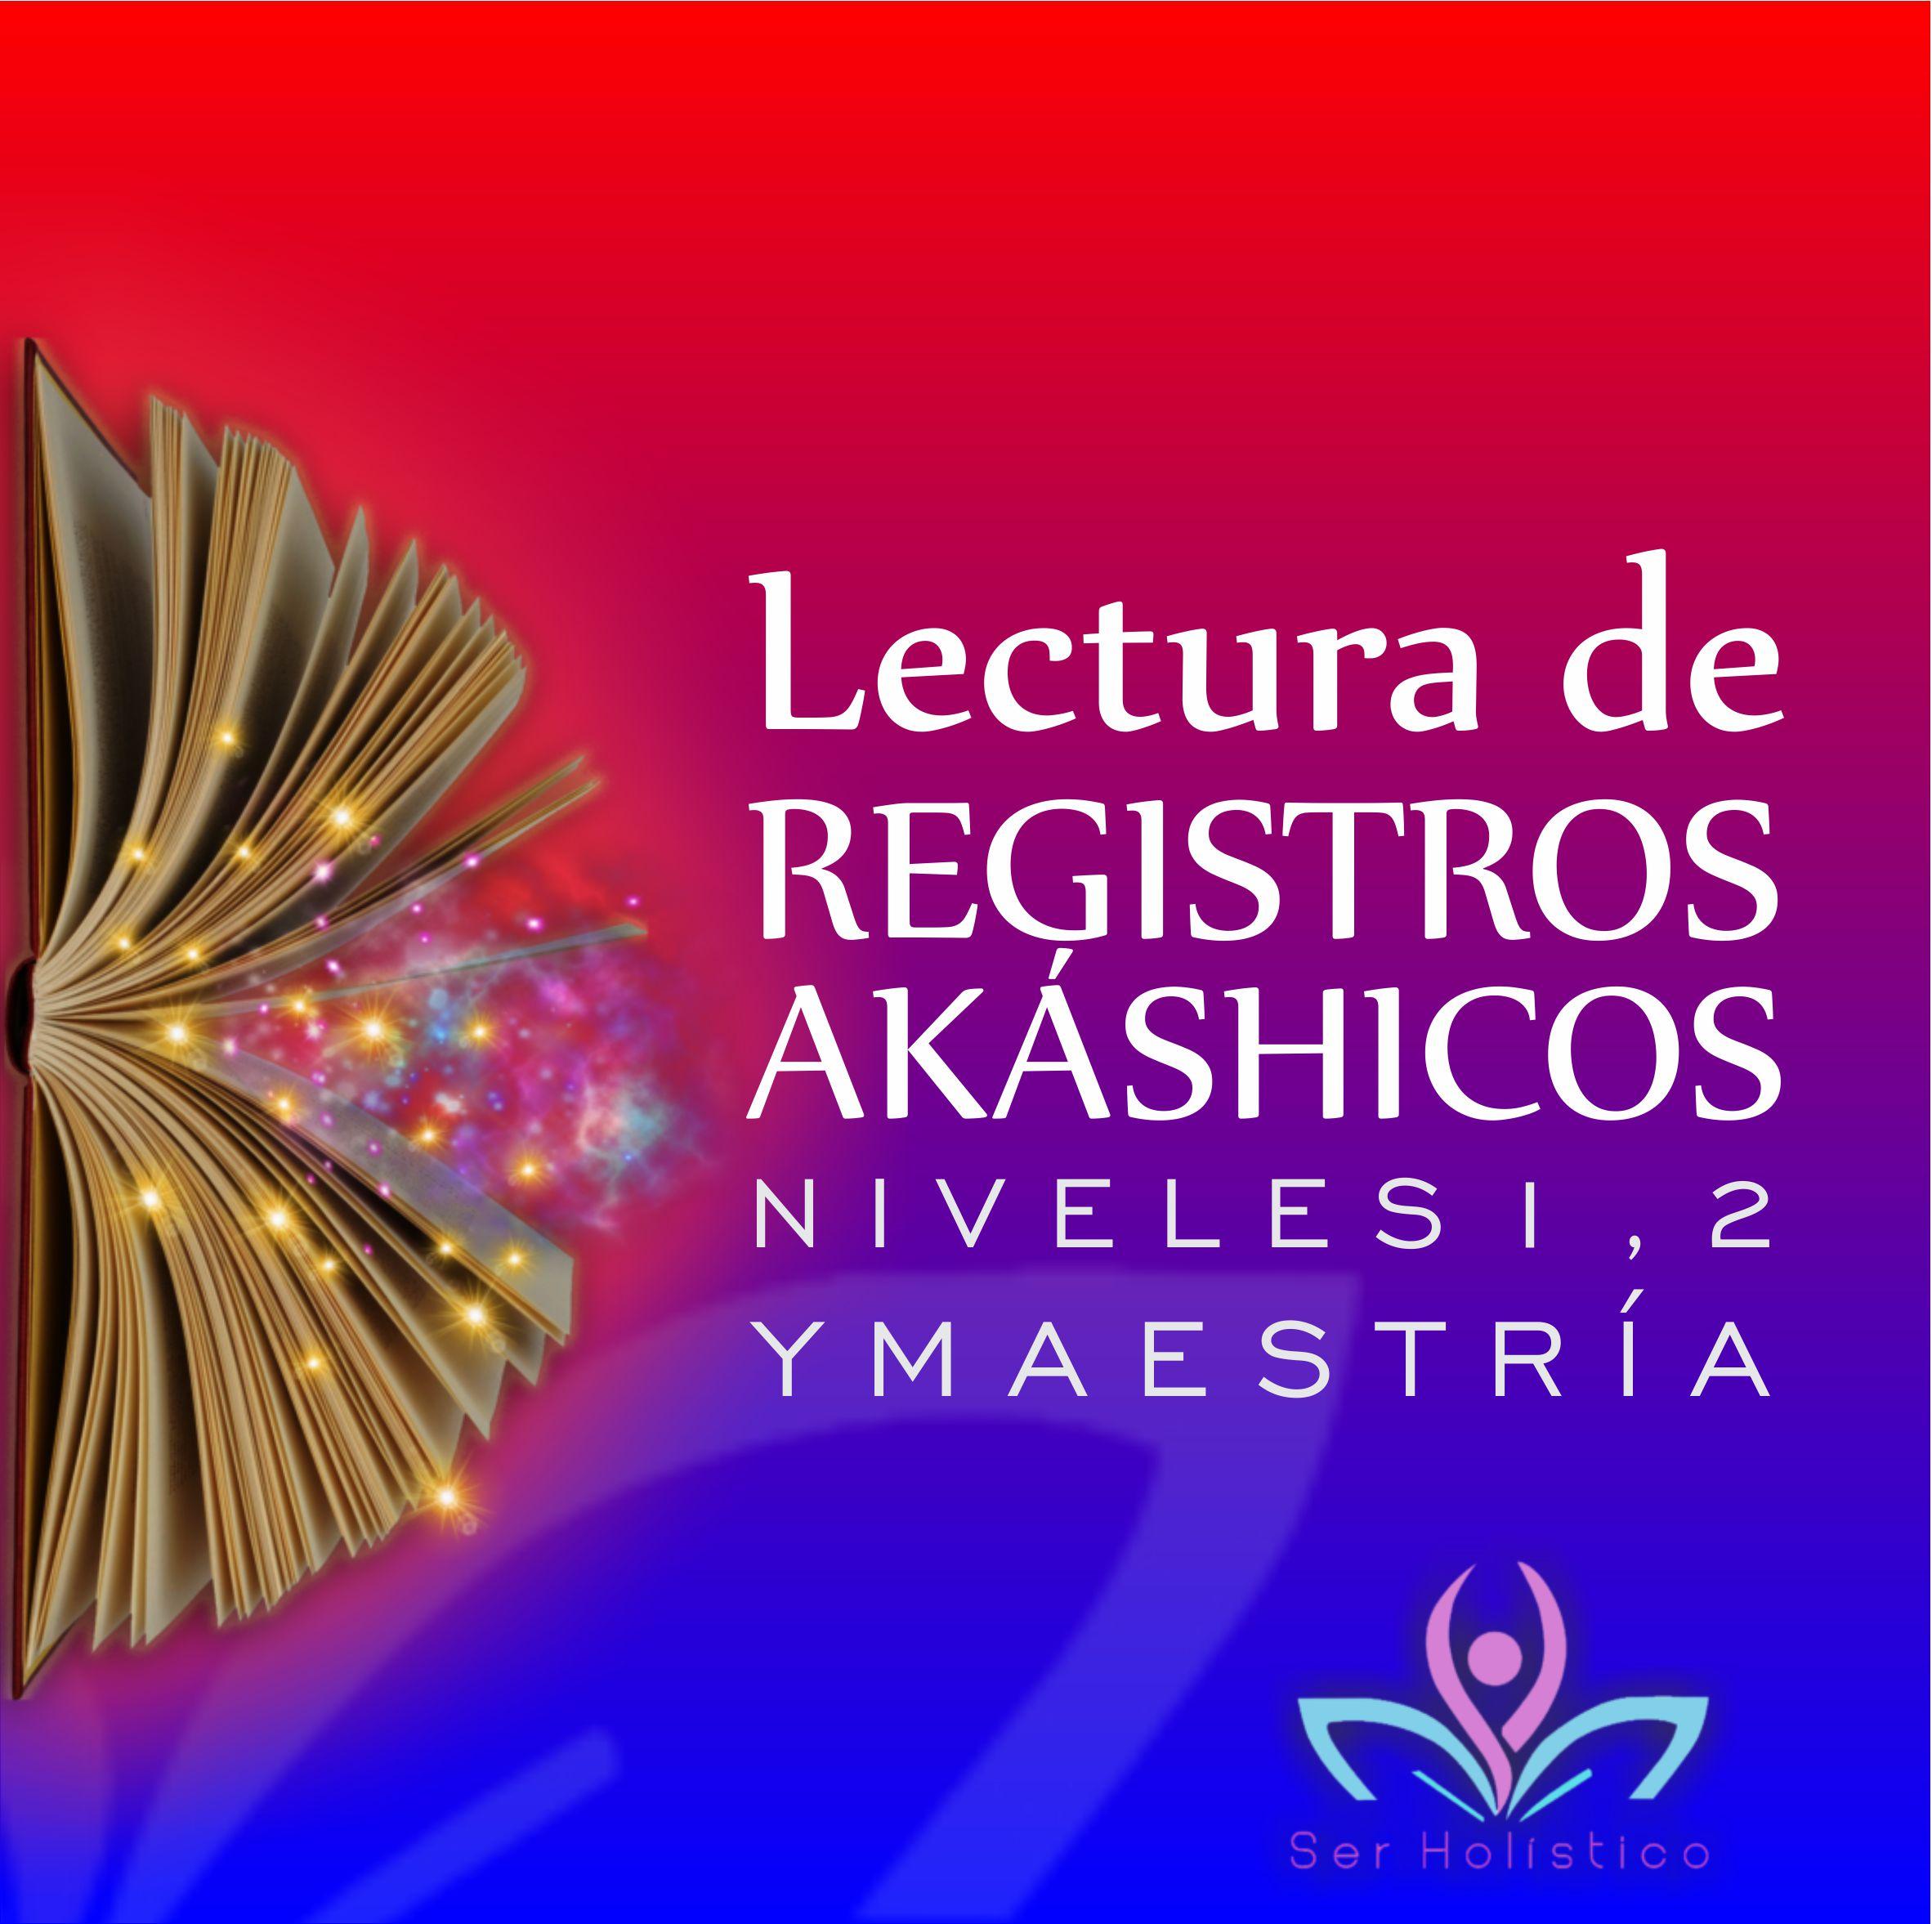 Formación Lectura De Registros Akáshicos Niveles 1 2 Y Maestría Ser Holistico